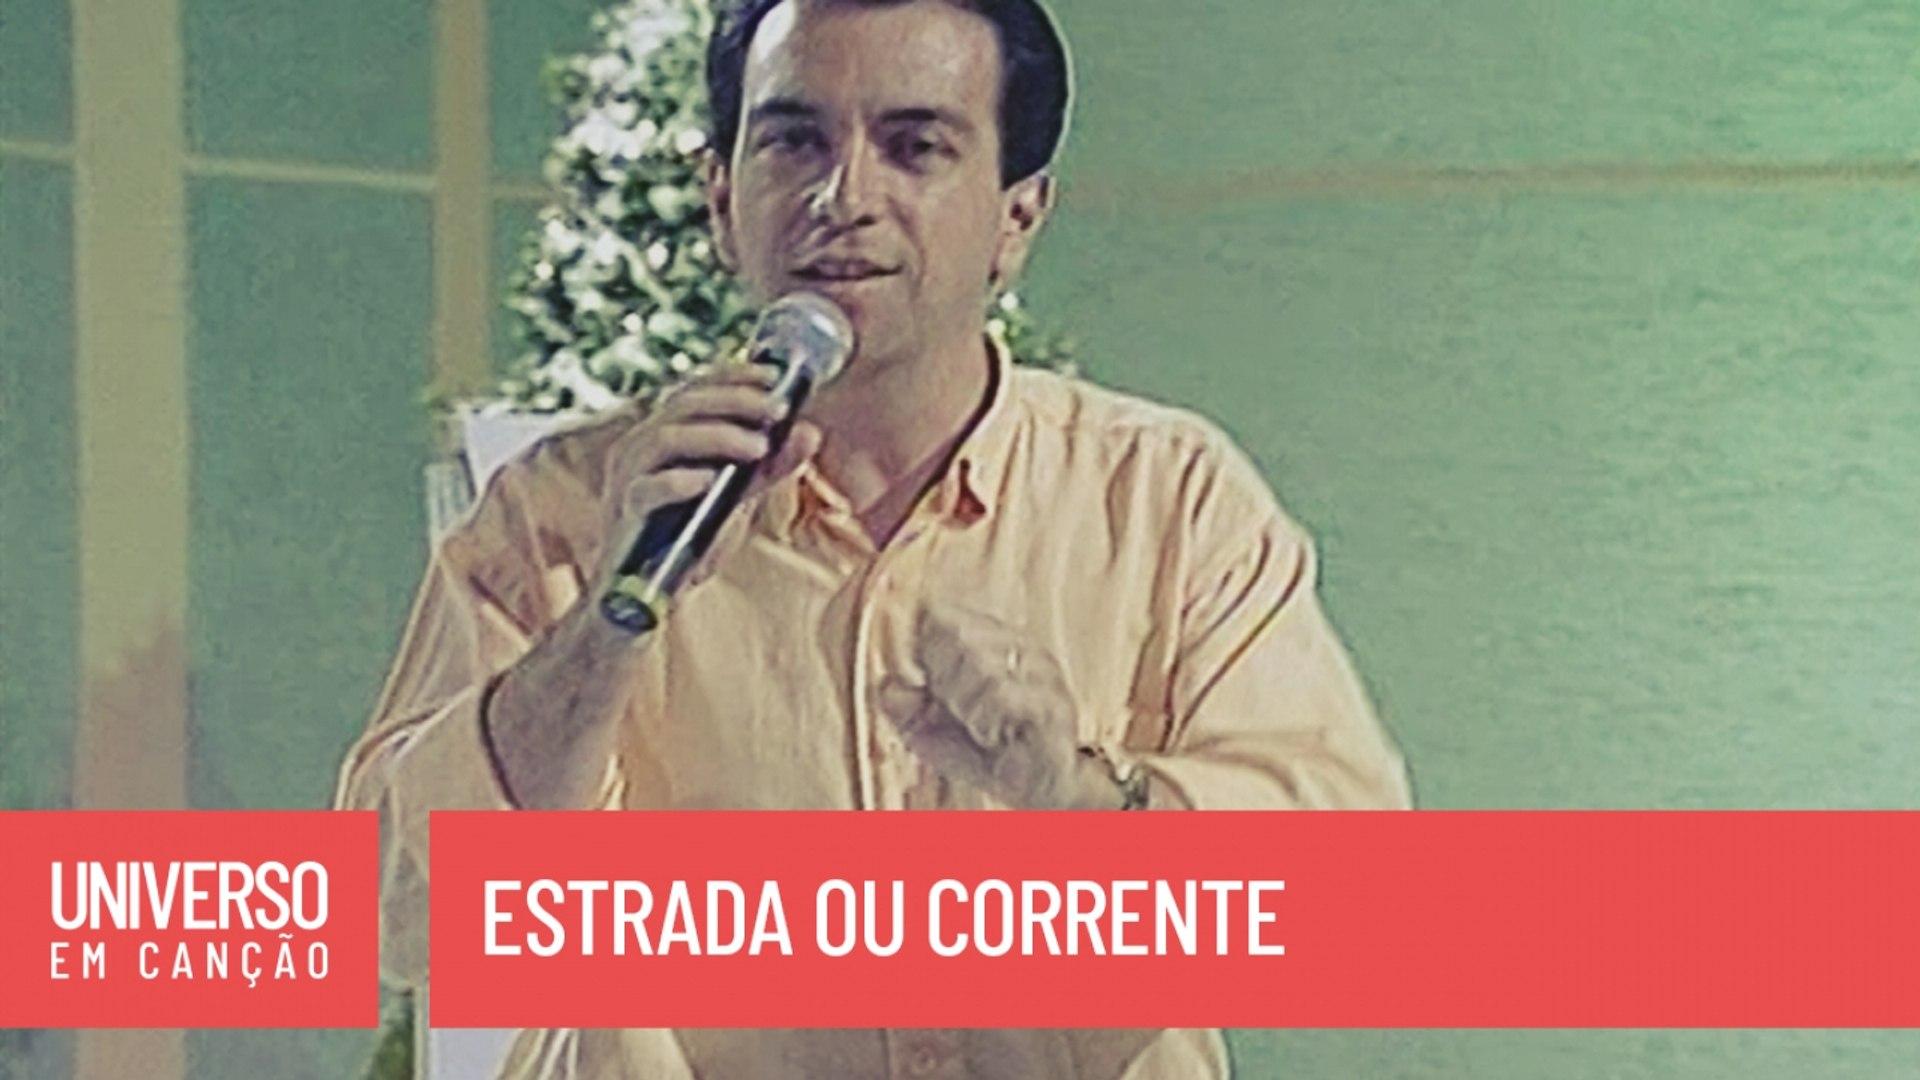 Padre Reginaldo Carreira - Estrada ou corrente - (Universo em Canção)